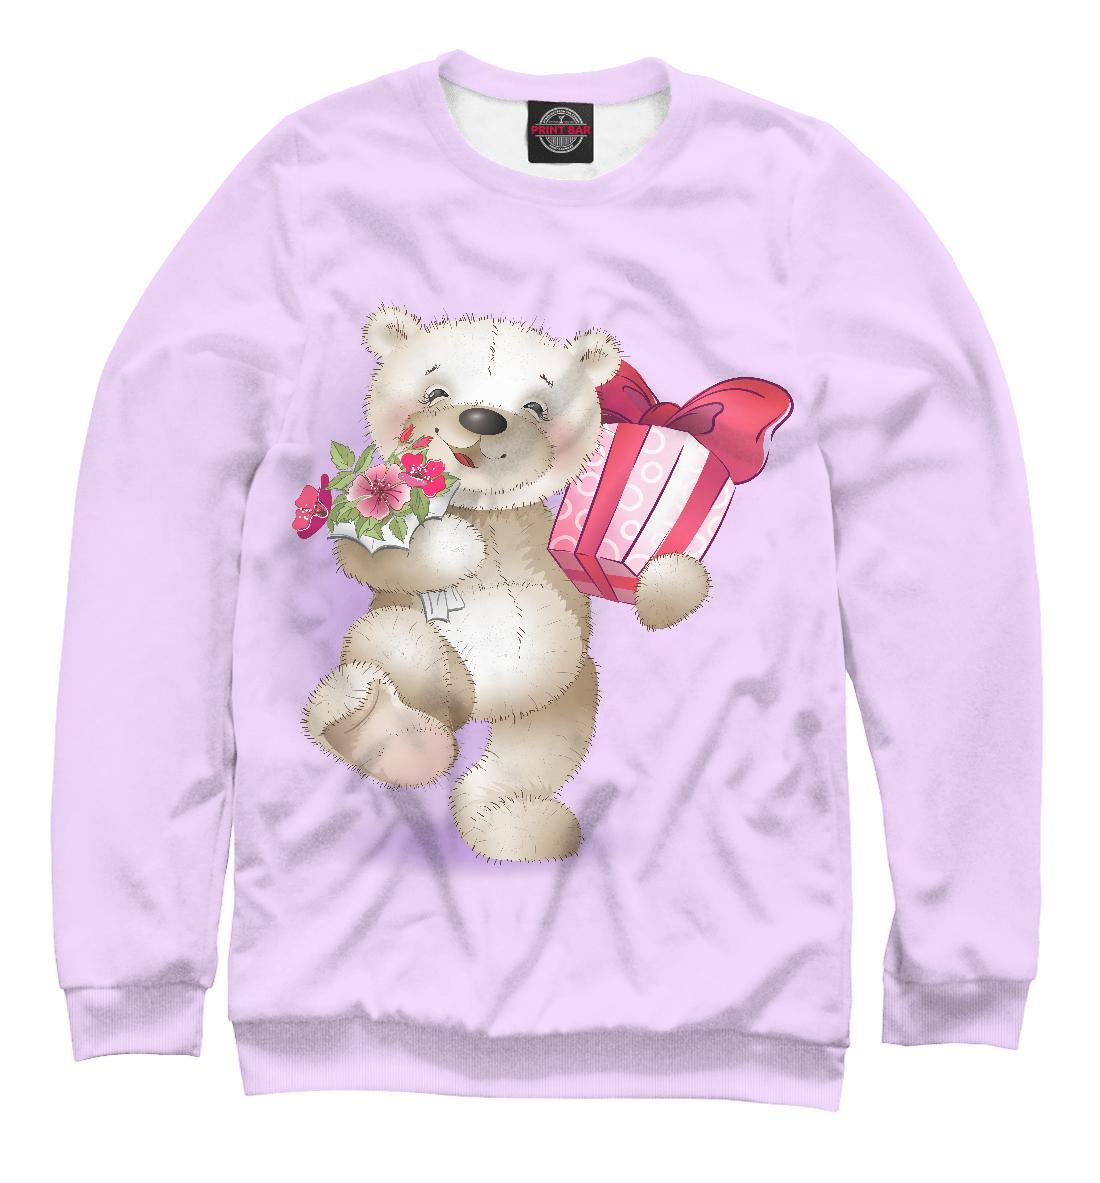 Купить Милый медвежонок, Printbar, Свитшоты, MRT-433152-swi-2